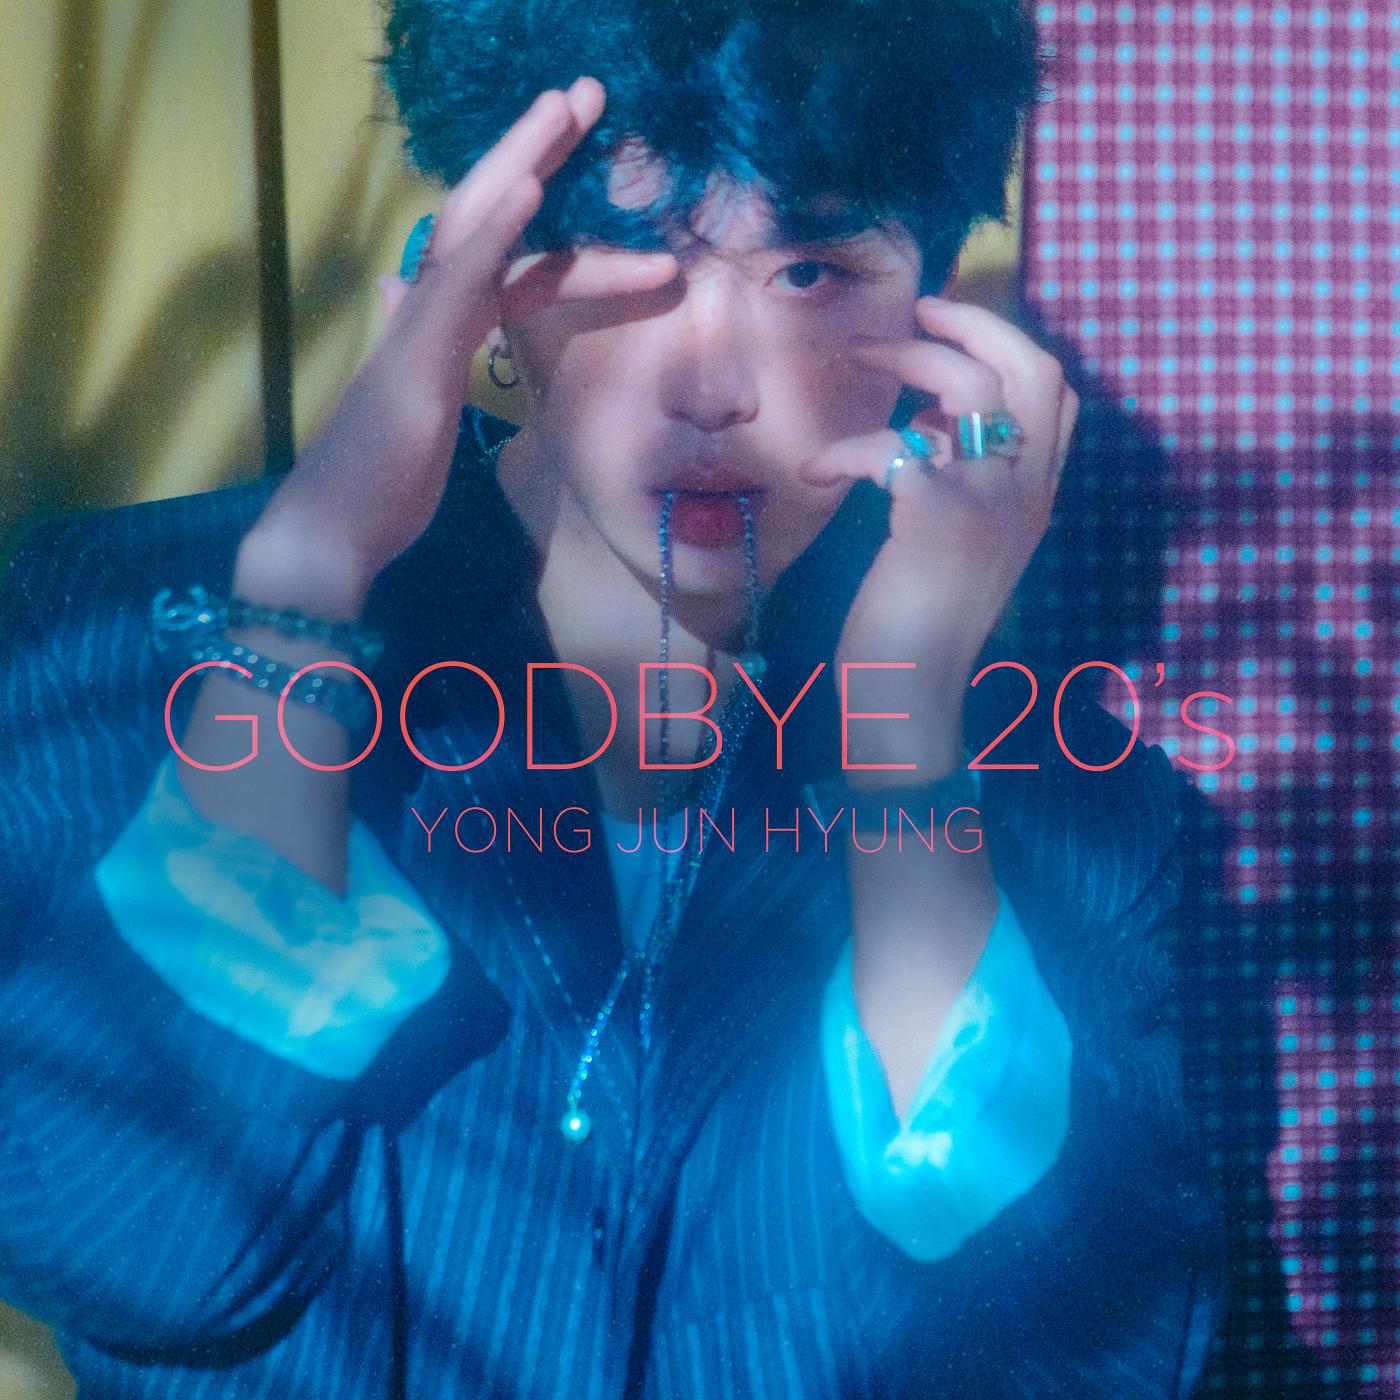 Goodbye 20's